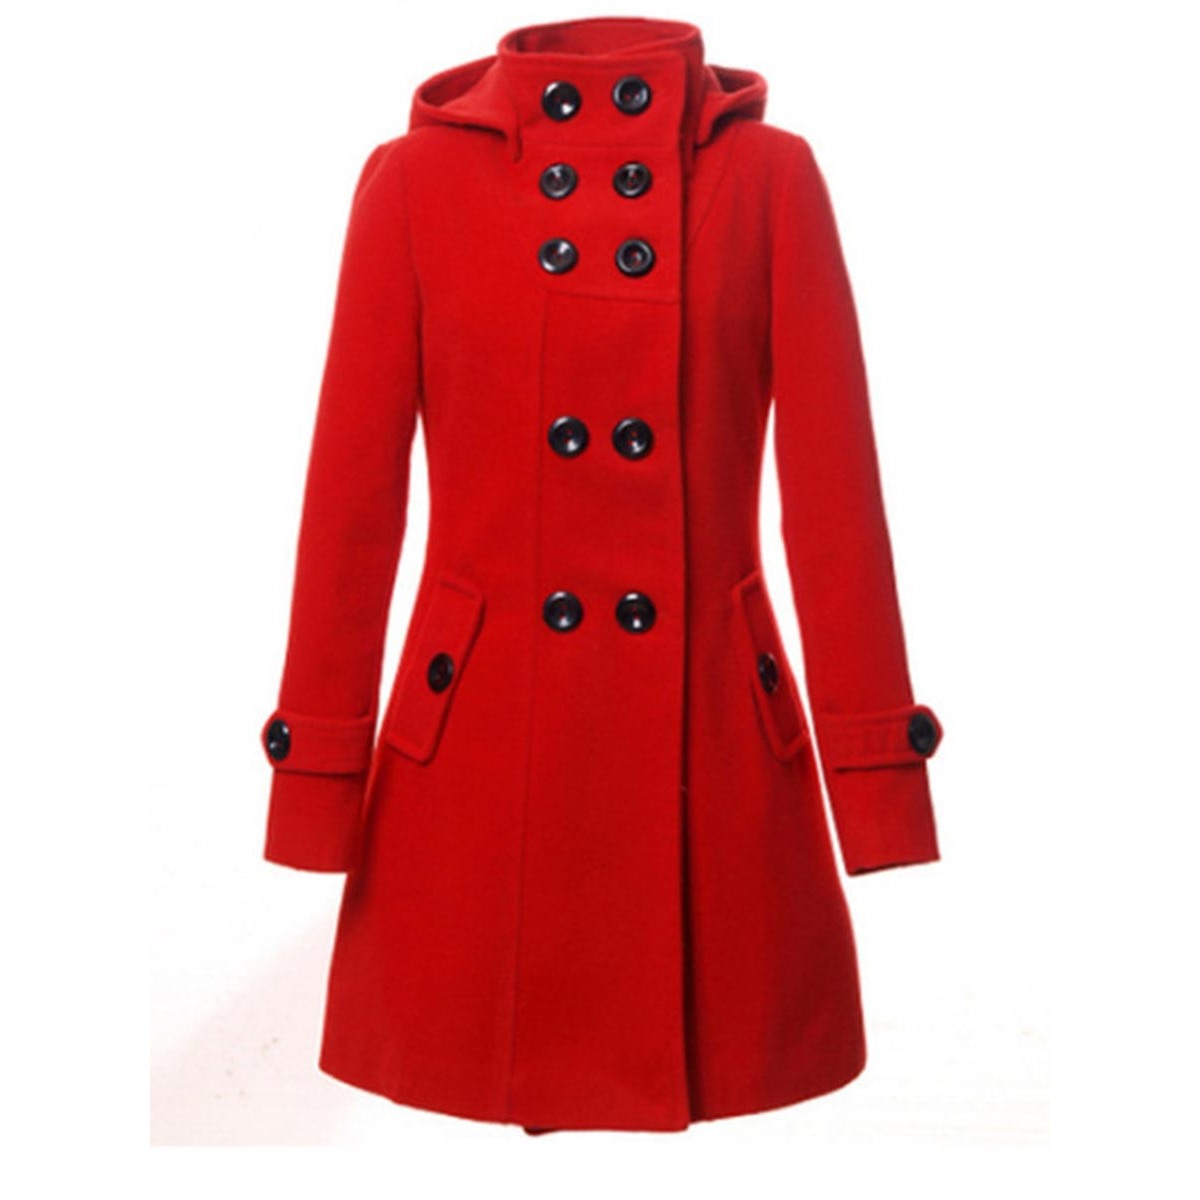 Yong17 зимнее пальто для женщин 2018 черный, красный серый верхняя одежда осень офис Мода повседневное двубортный Элегантный тонкий длинное